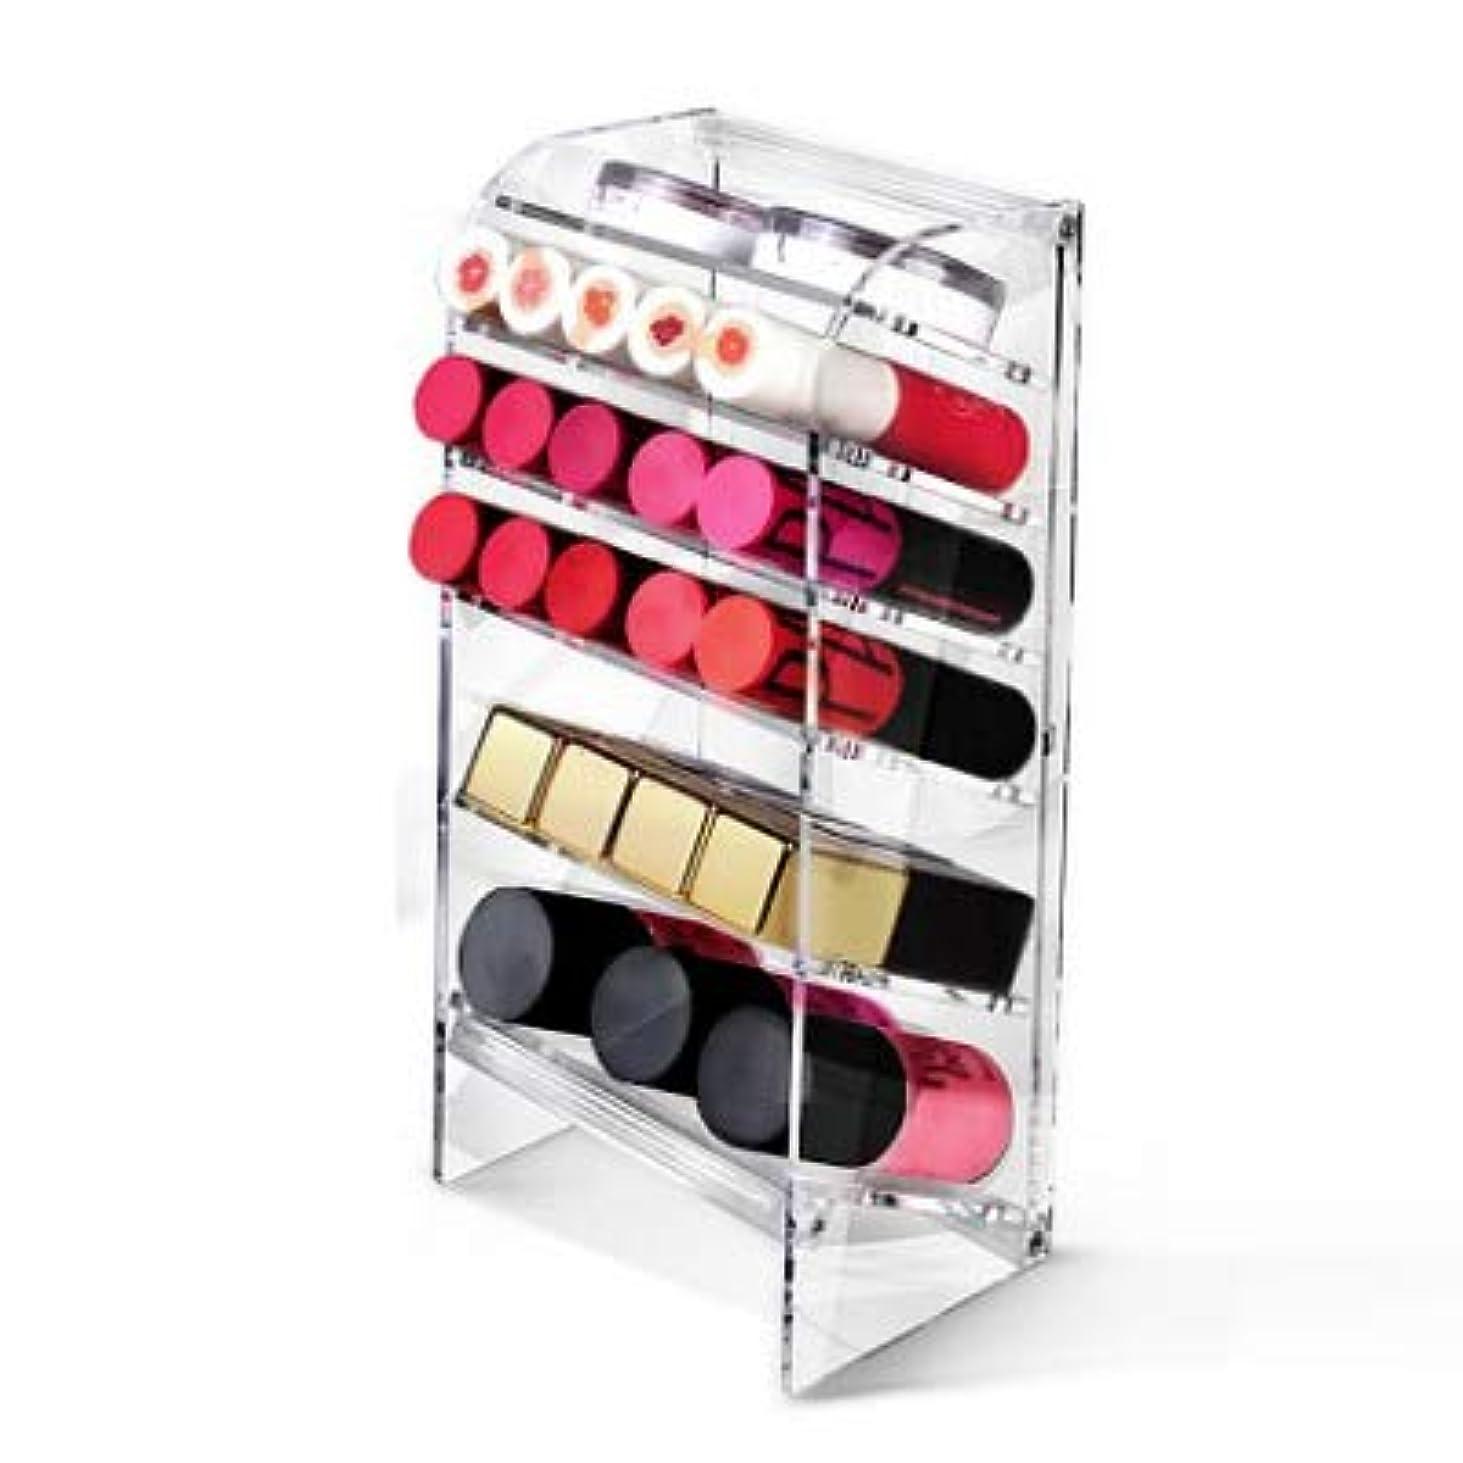 熱ライラックベテランATIC Acrylic アクリル DIY 透明 コスメケース メイクケース メイクボックス 化粧品 入れ コスメ リップスティック 収納 スタンド/Organizer storage For lipstick make-up...